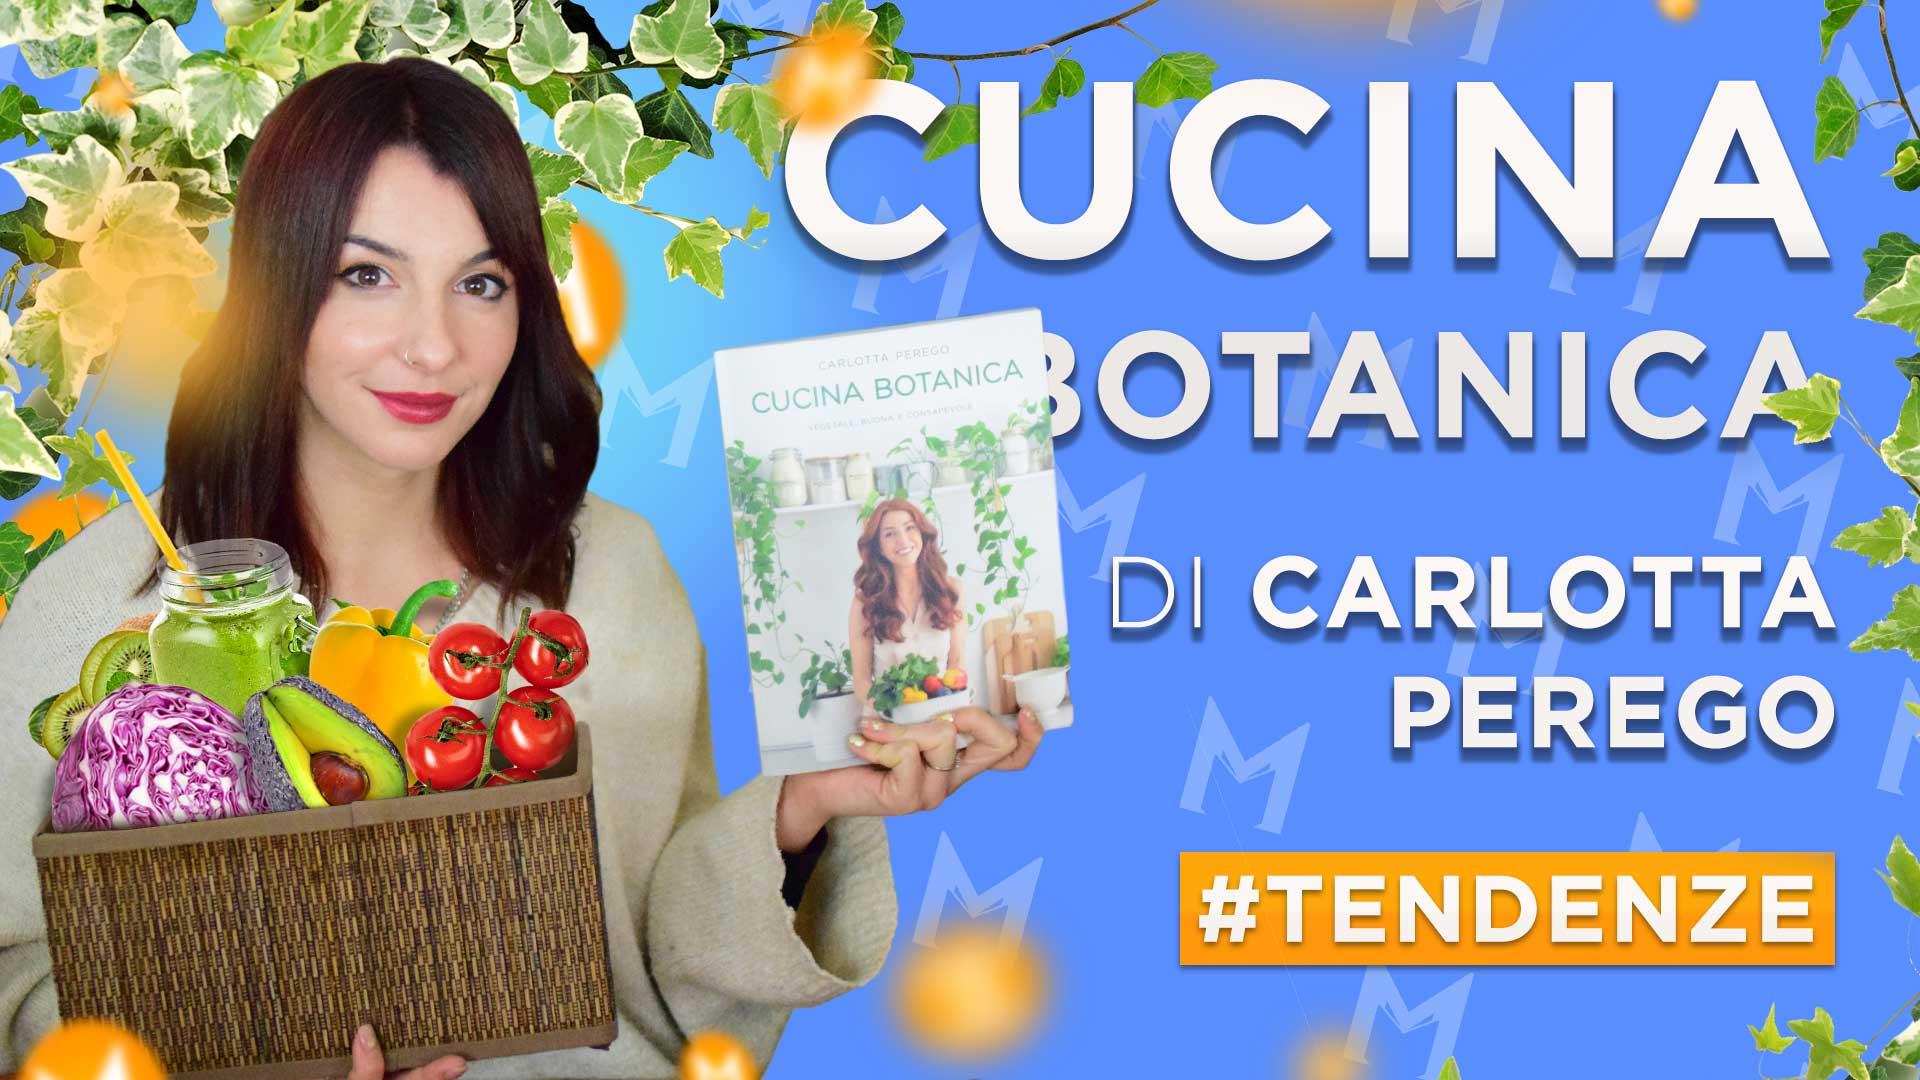 cucina-botanica-di-carlotta-perego-recensione